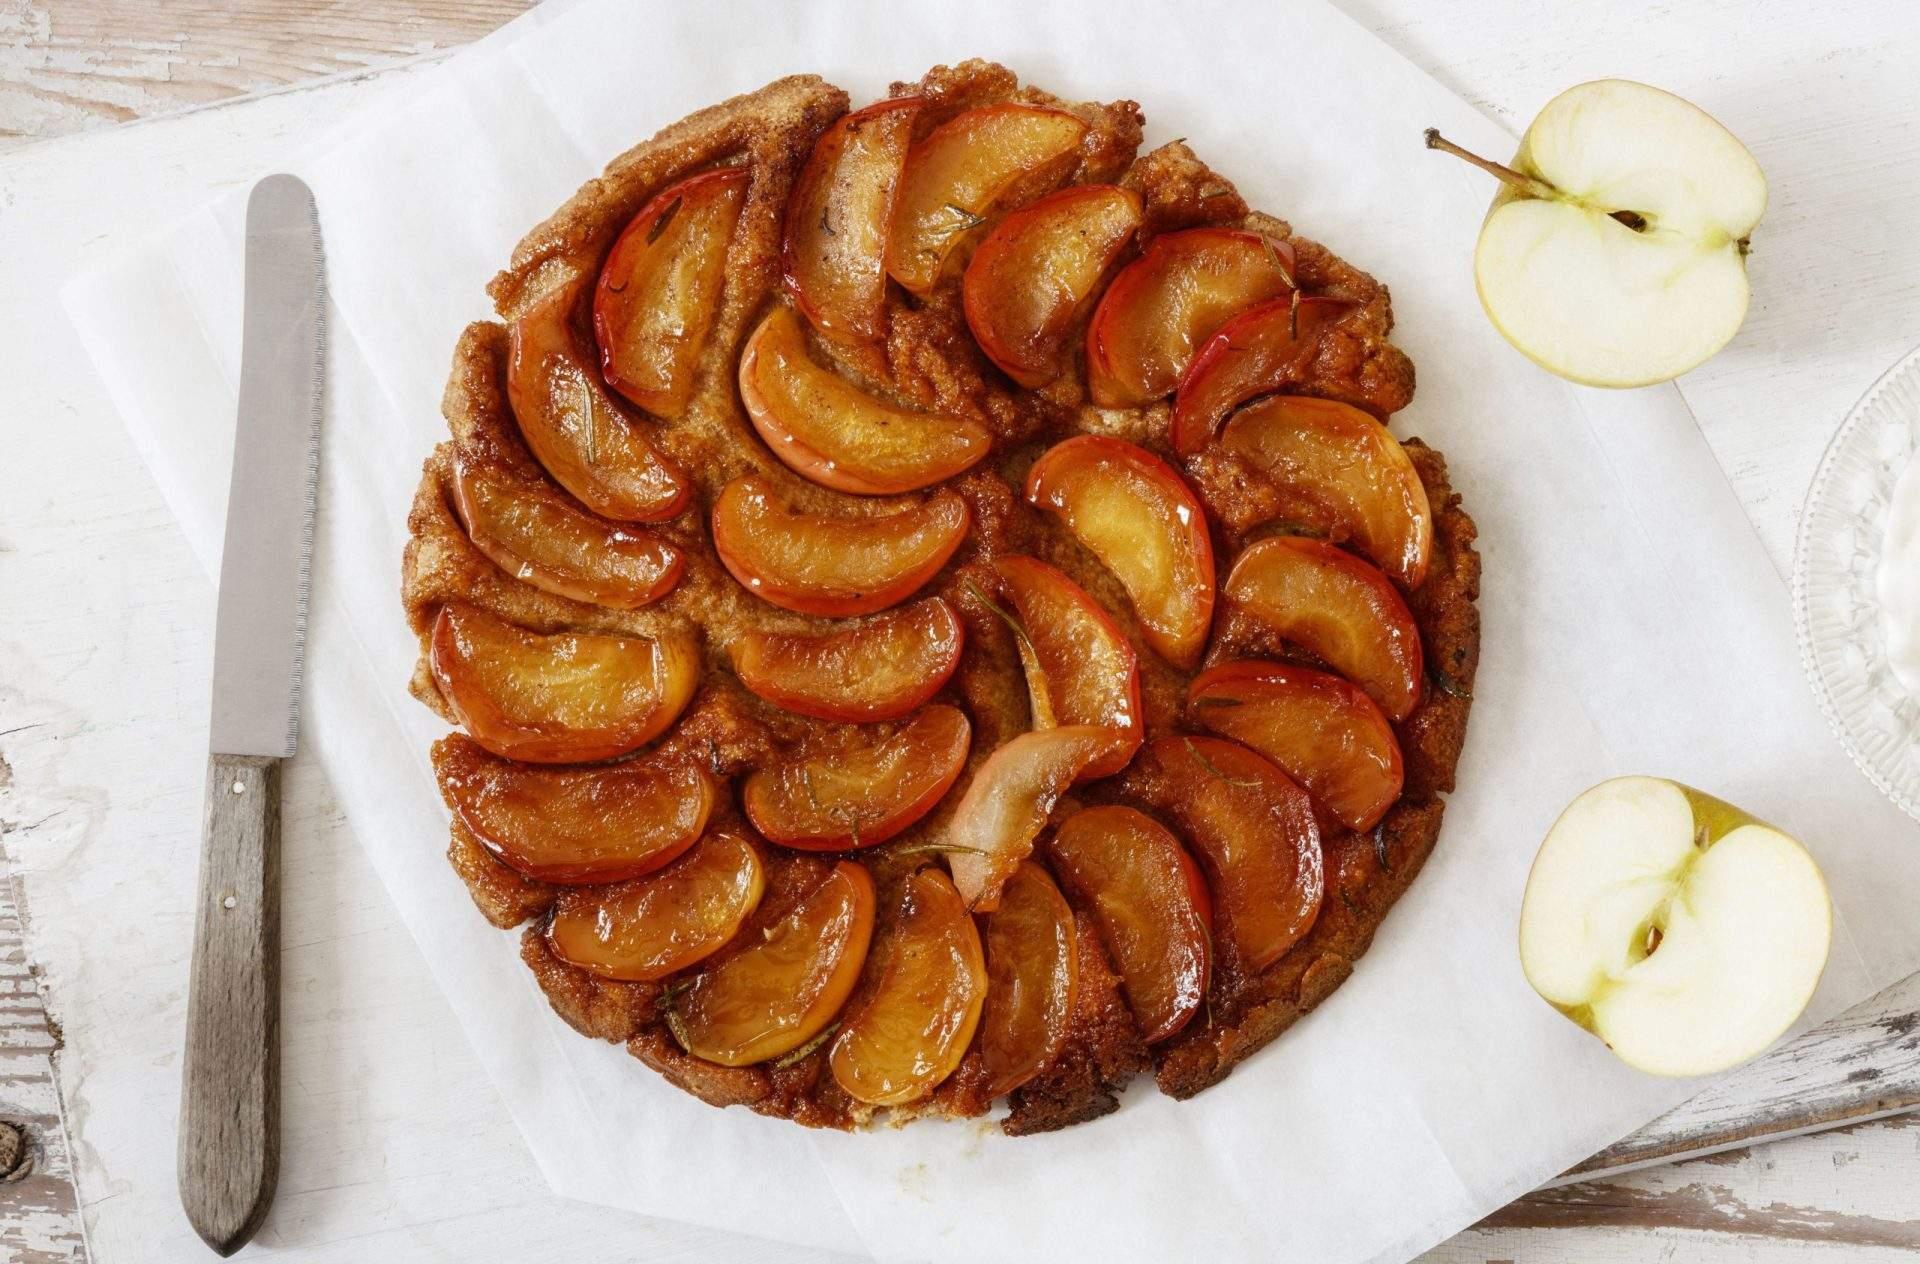 Tarta Tatin de manzana fácil Nuestra receta fácil de tarta tatin de manzana está lista para cocinar en solo 20 minutos y es absolutamente infalible. Confía en nosotros, ¡siempre obtendrás esta receta correcta!